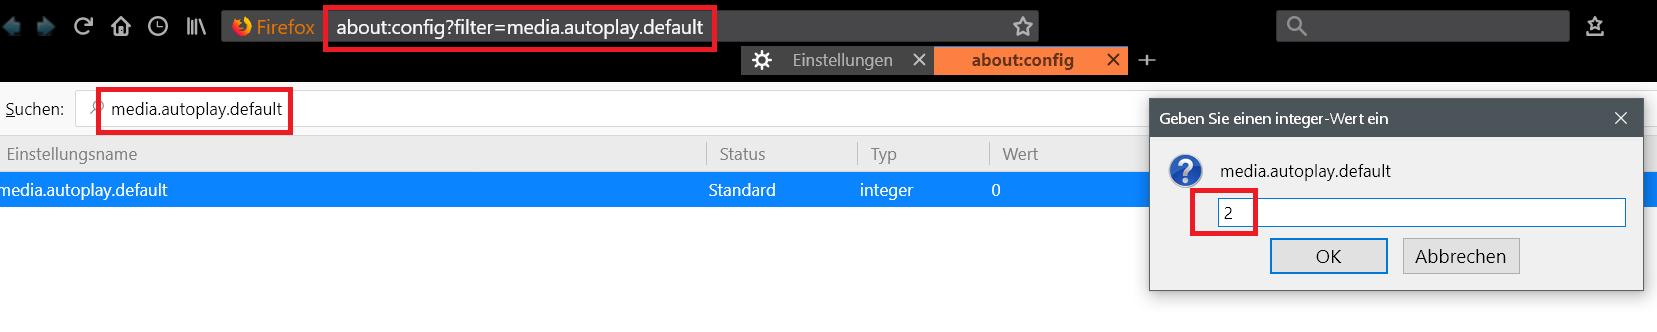 config - Autoplay verhindern auf Webseiten im Firefox